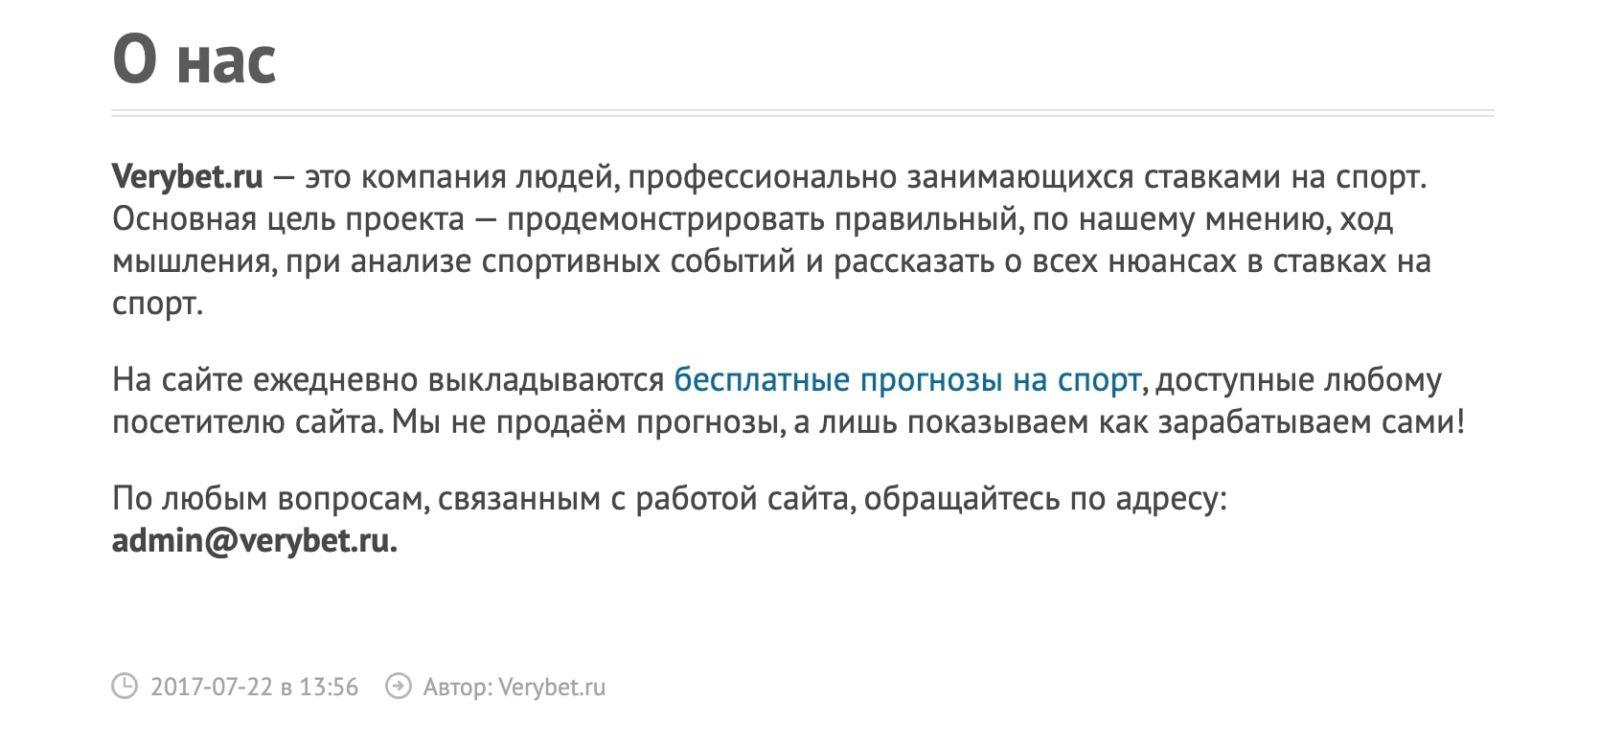 Текст о сайте https Verybet ru (Верибет)